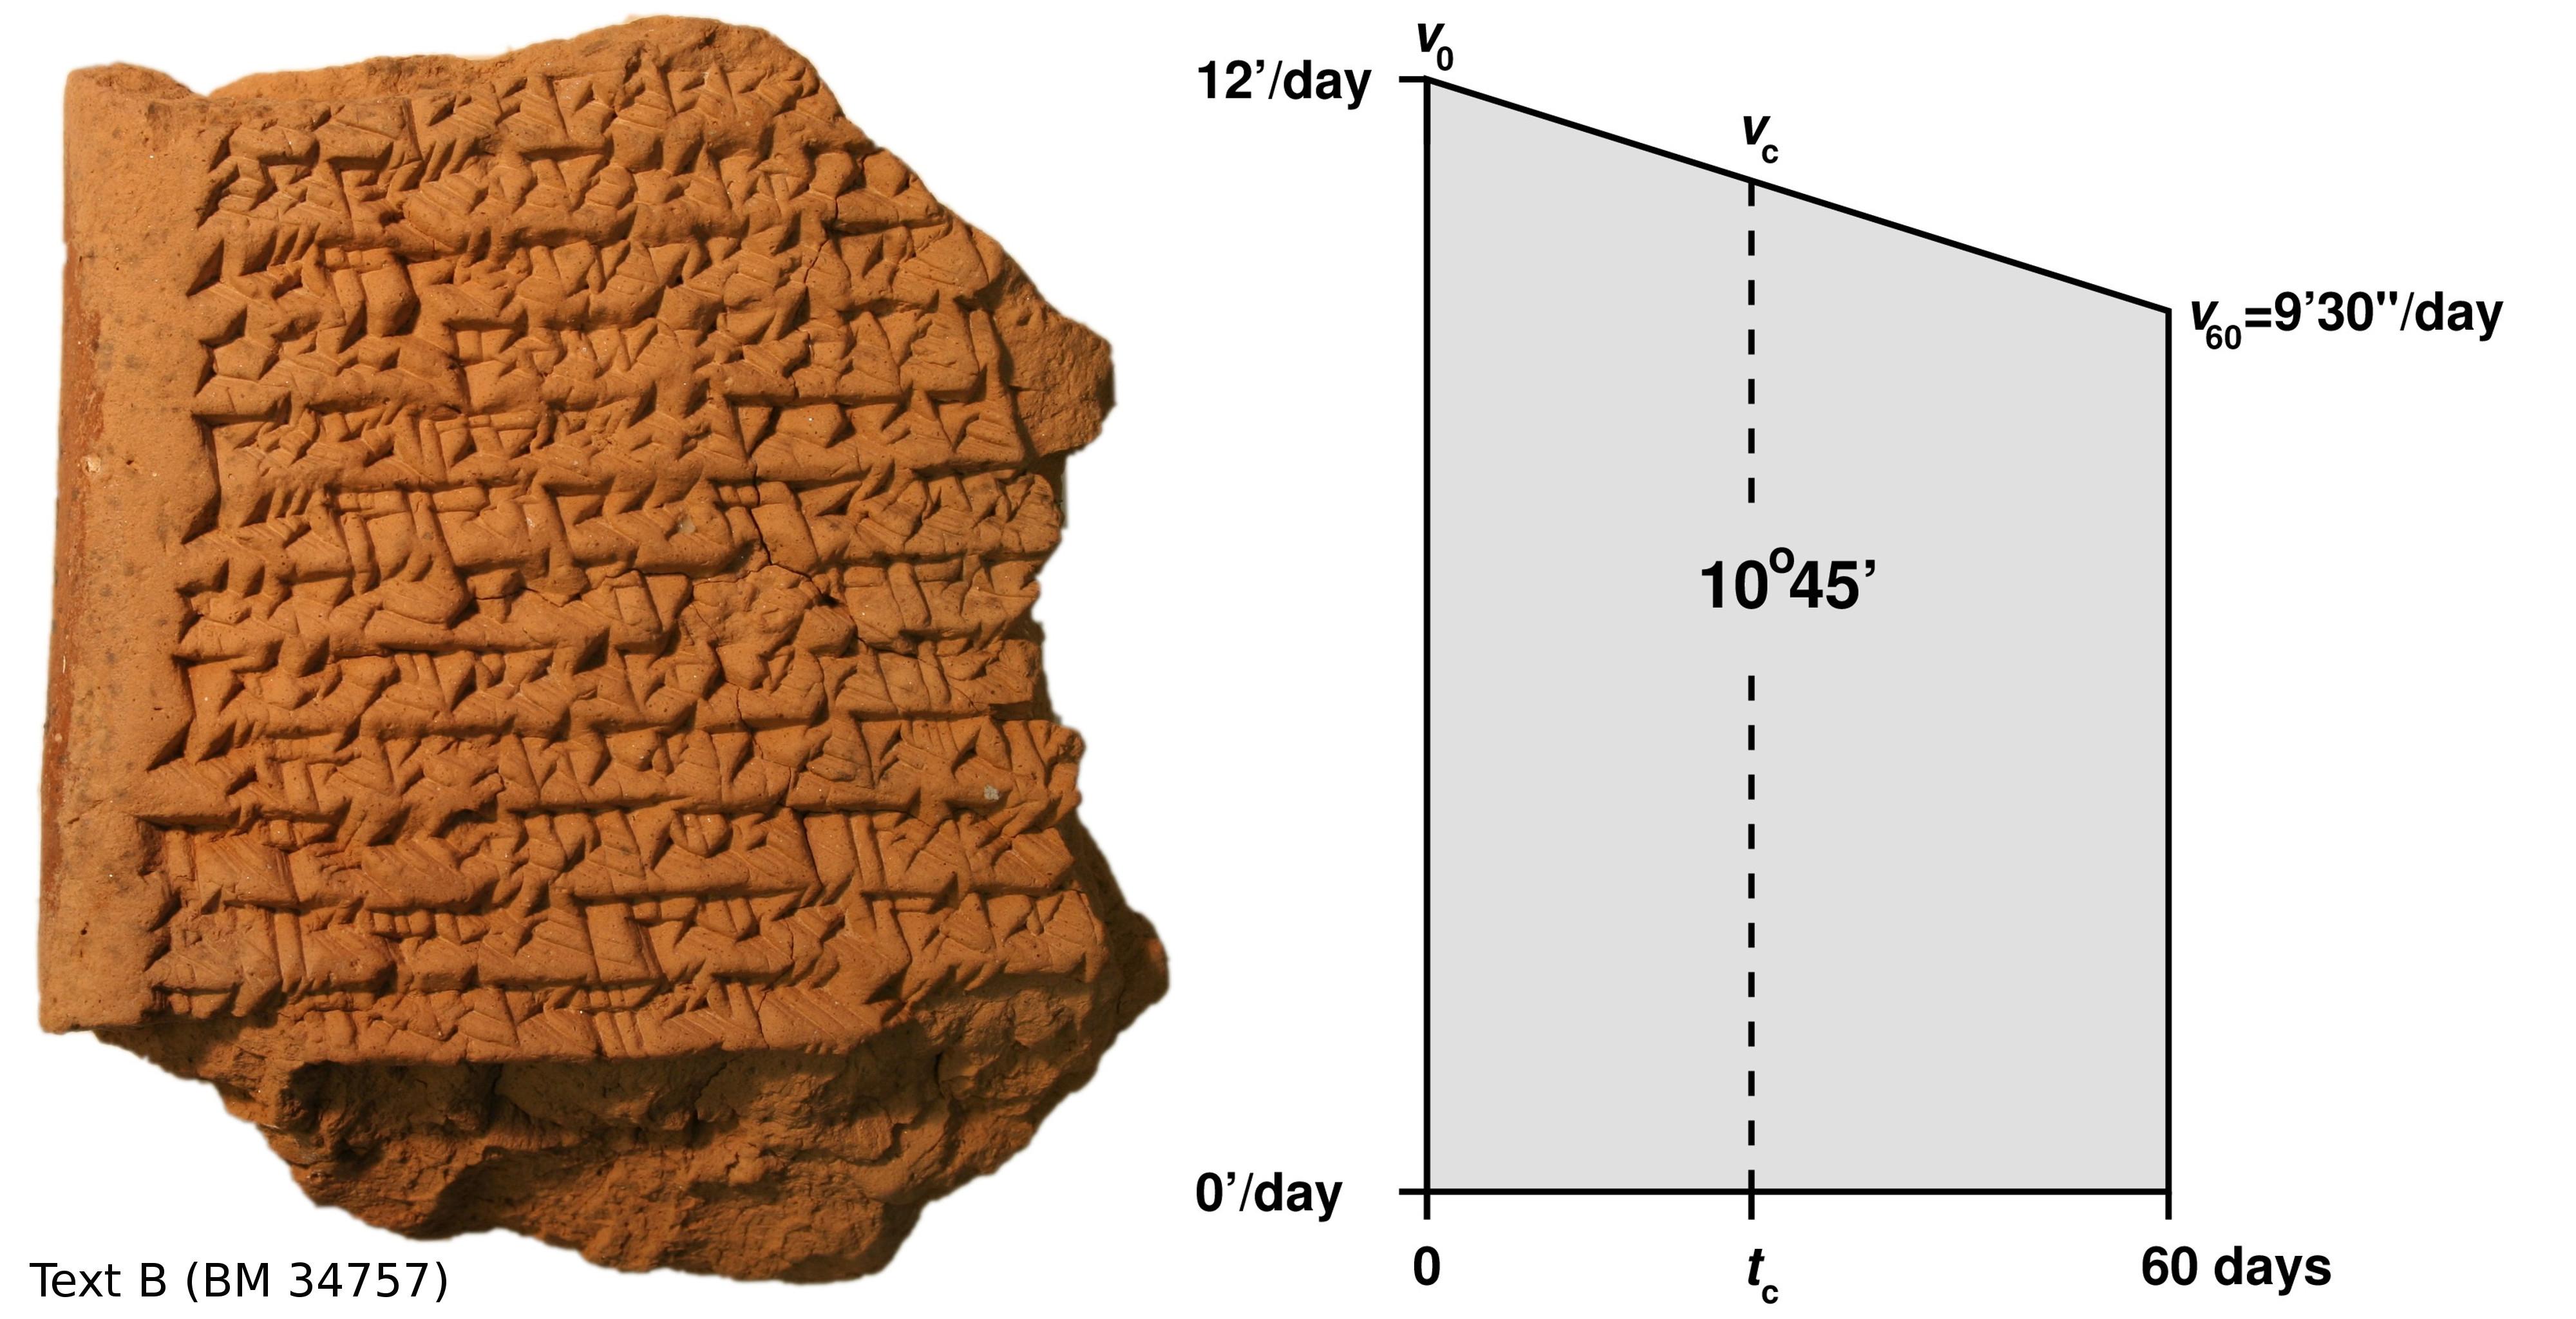 Babylonische Keilschrifttafel mit Trapez-Berechnungen